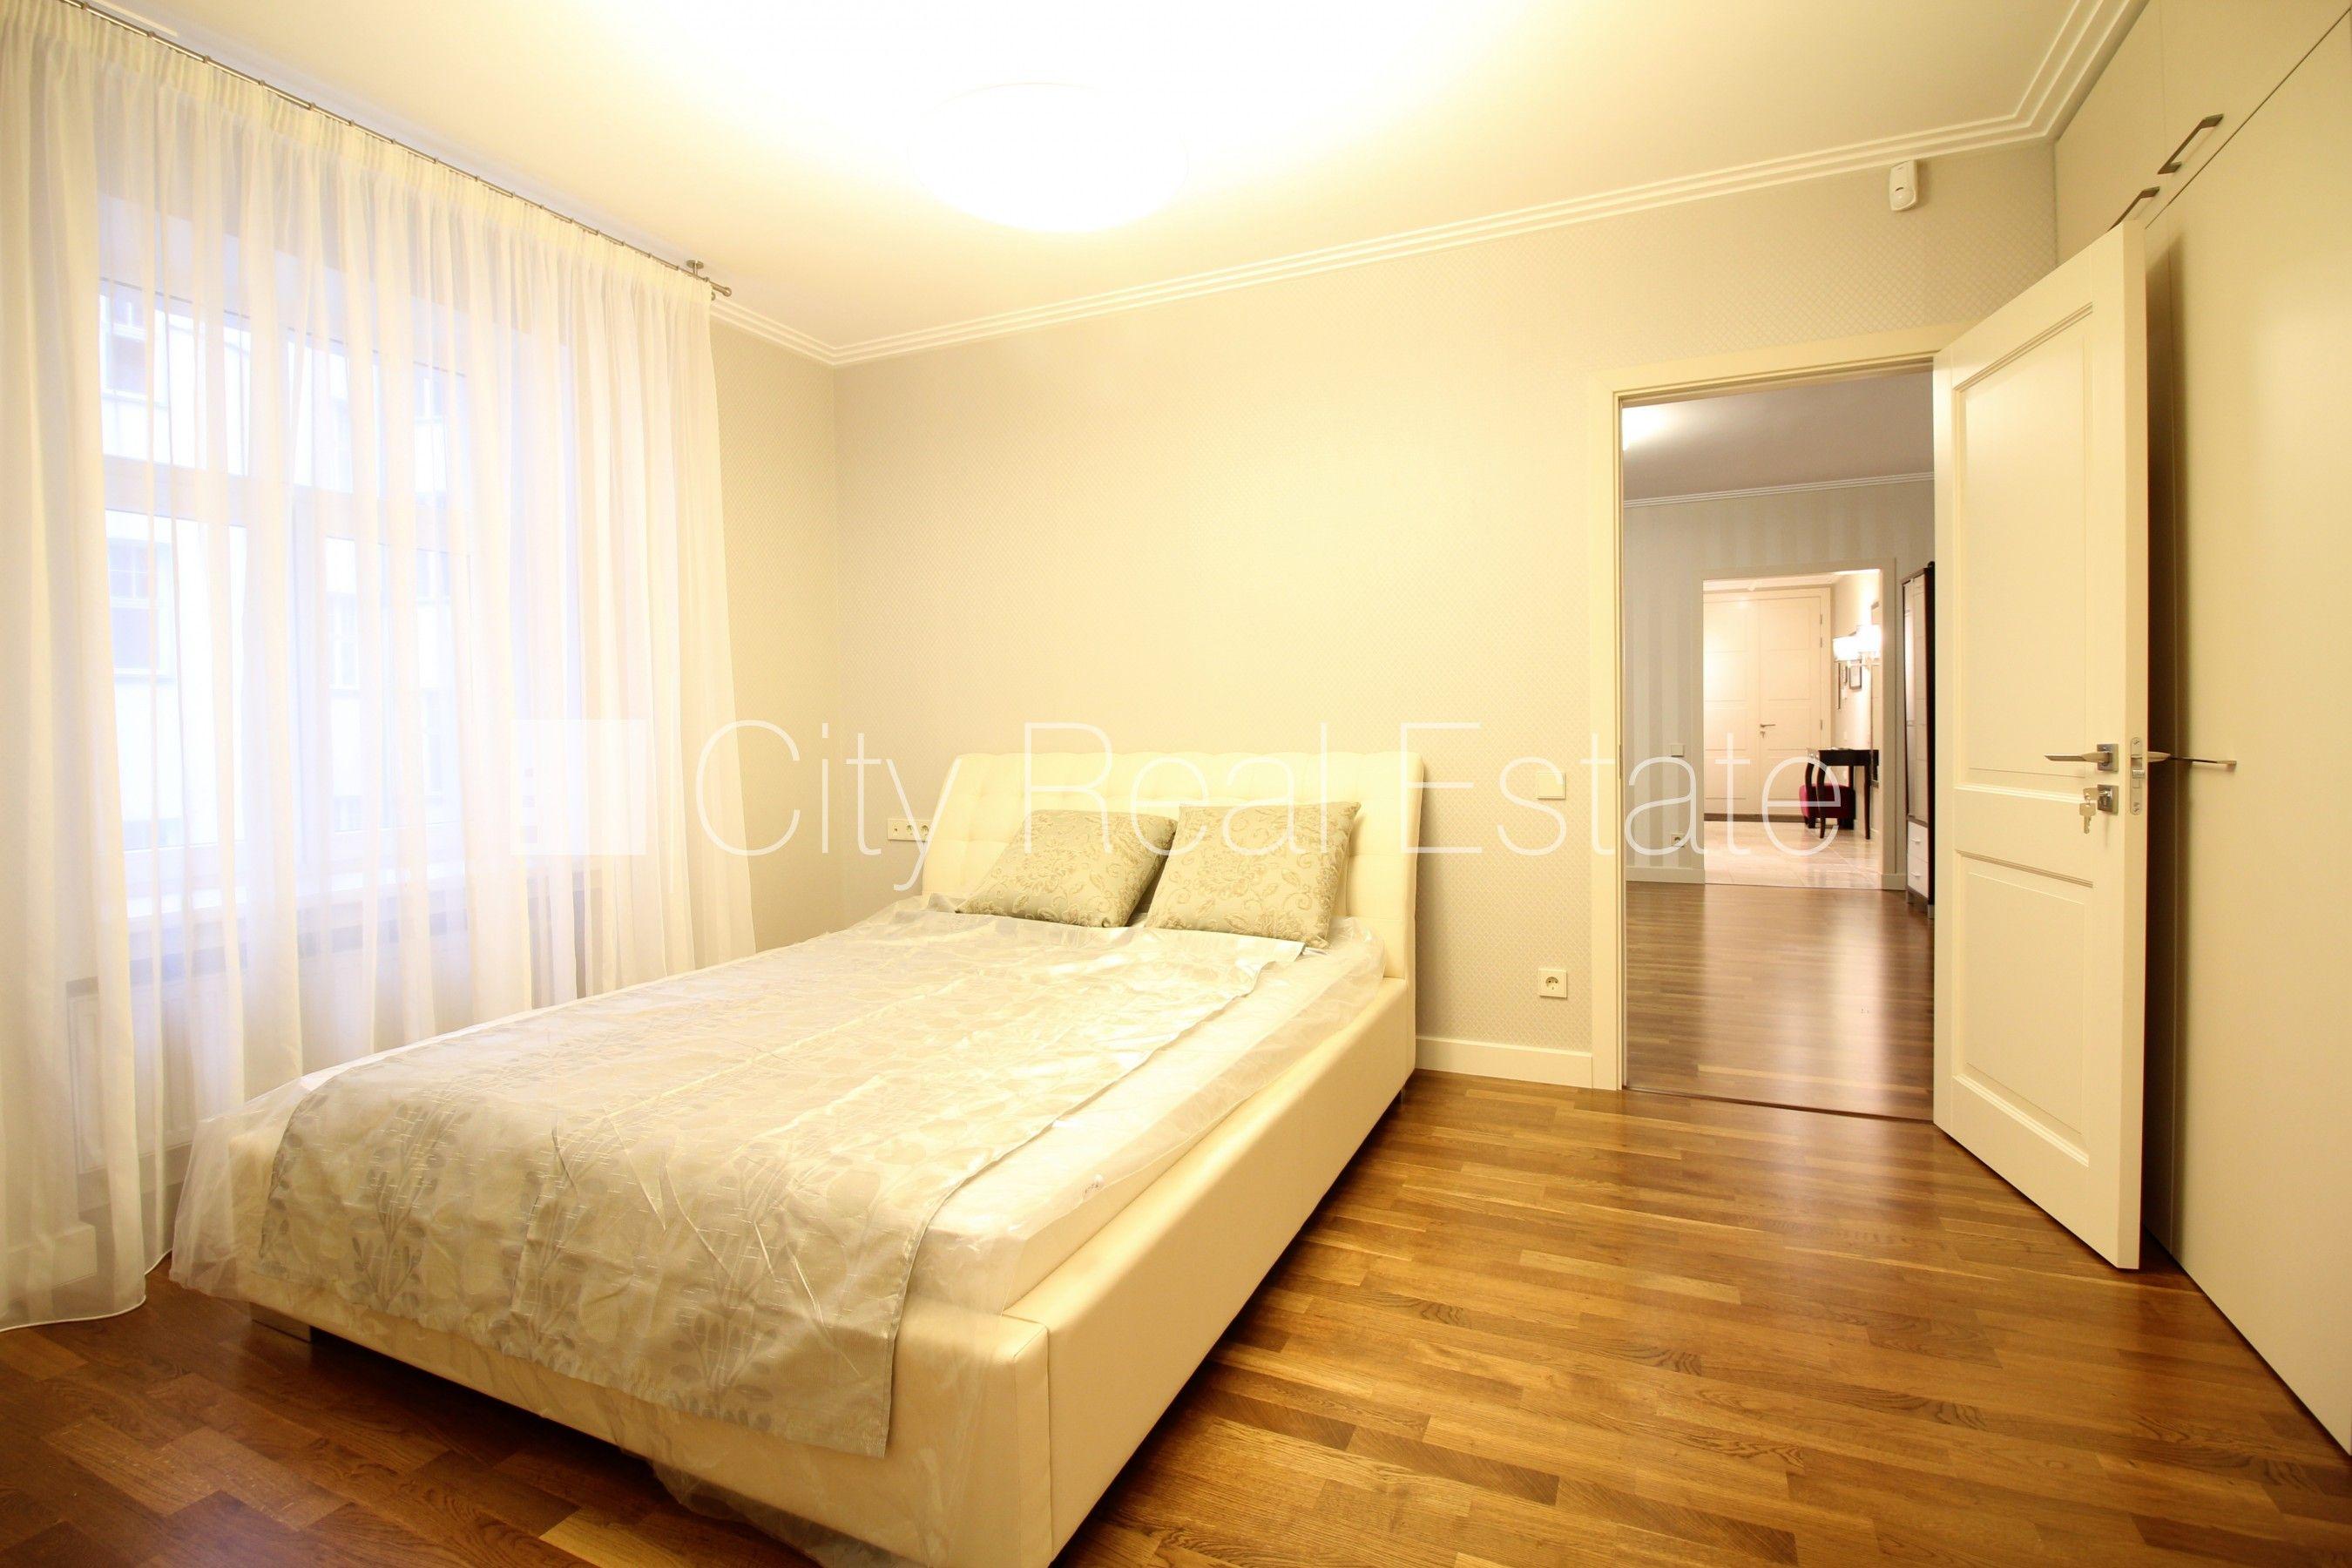 Apartment for rent in Riga, Riga center, Akas street, 73 ...